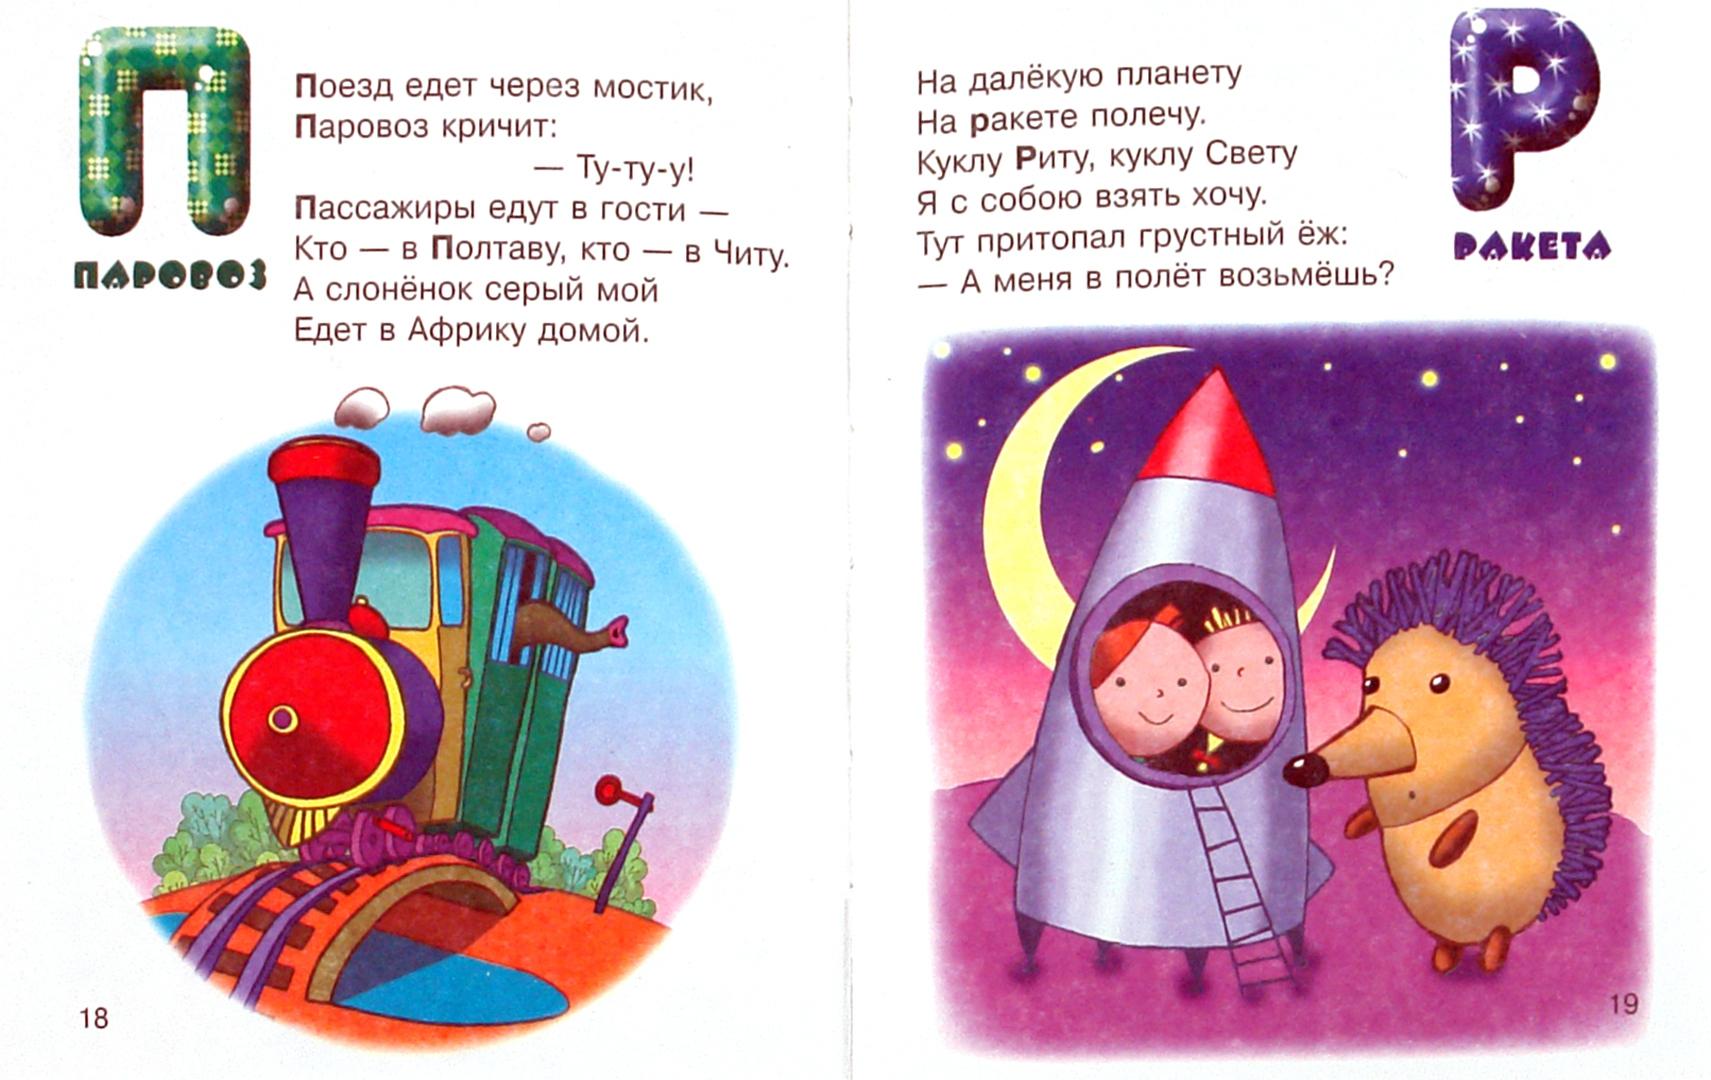 Иллюстрация 1 из 4 для Игрушки от А до Я - Сергей Гордиенко | Лабиринт - книги. Источник: Лабиринт